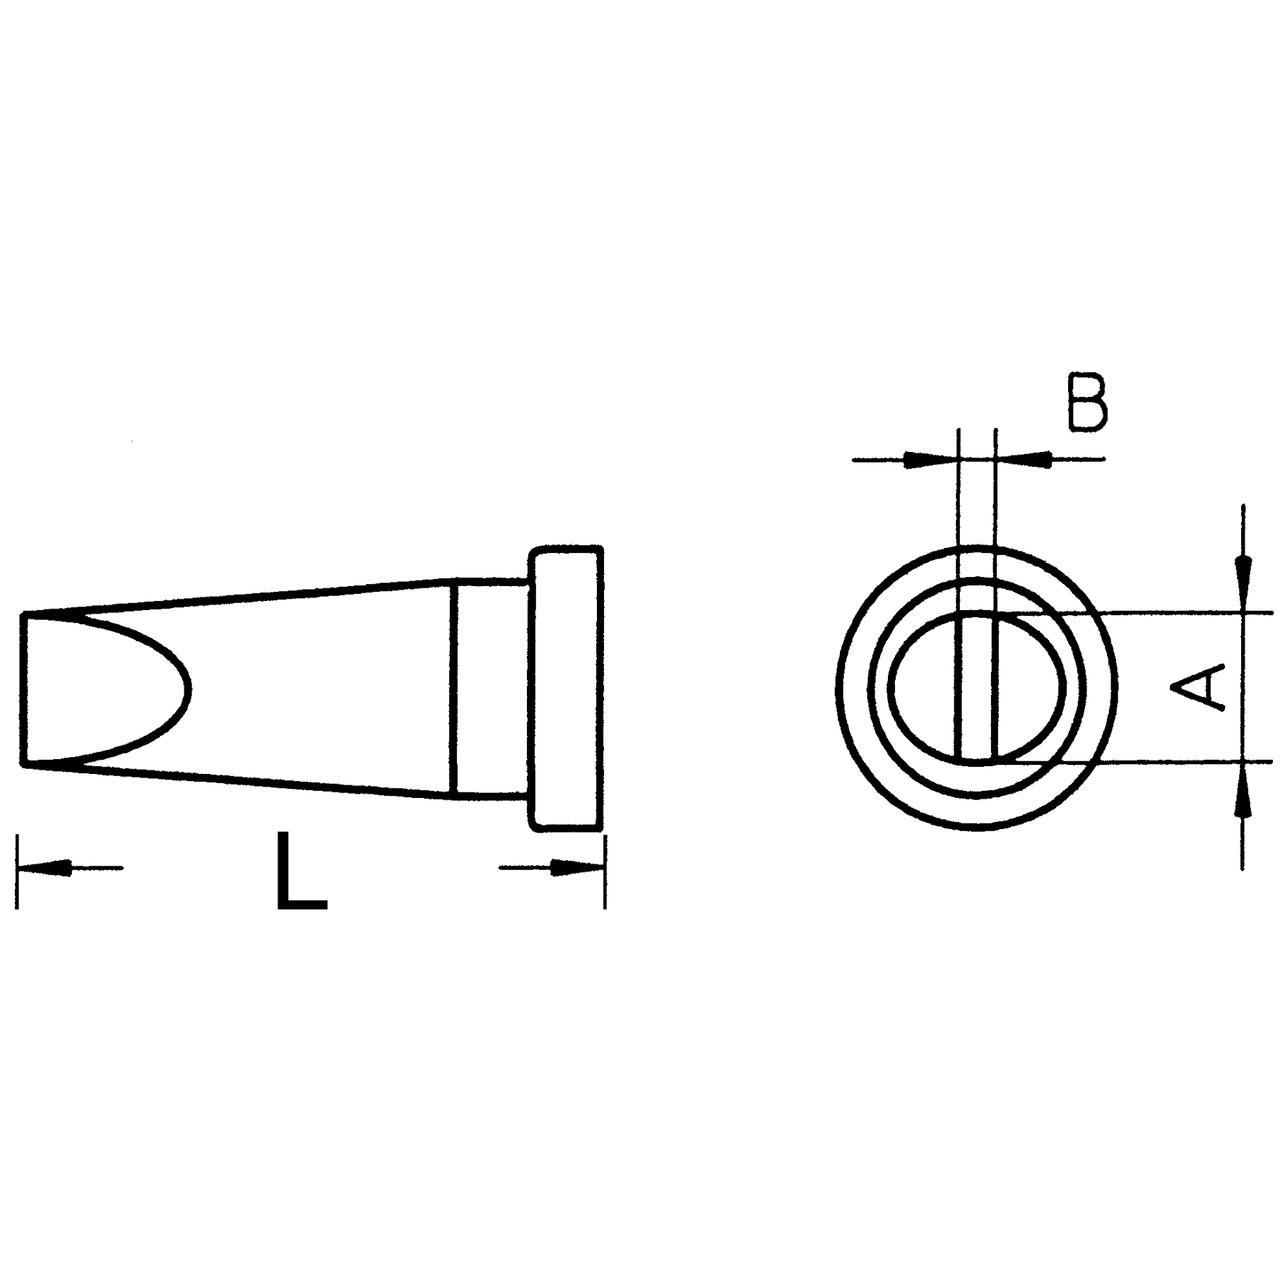 Weller Ersatzlötspitze LT B- meisselförmig- Spitze 2-4 mm breit